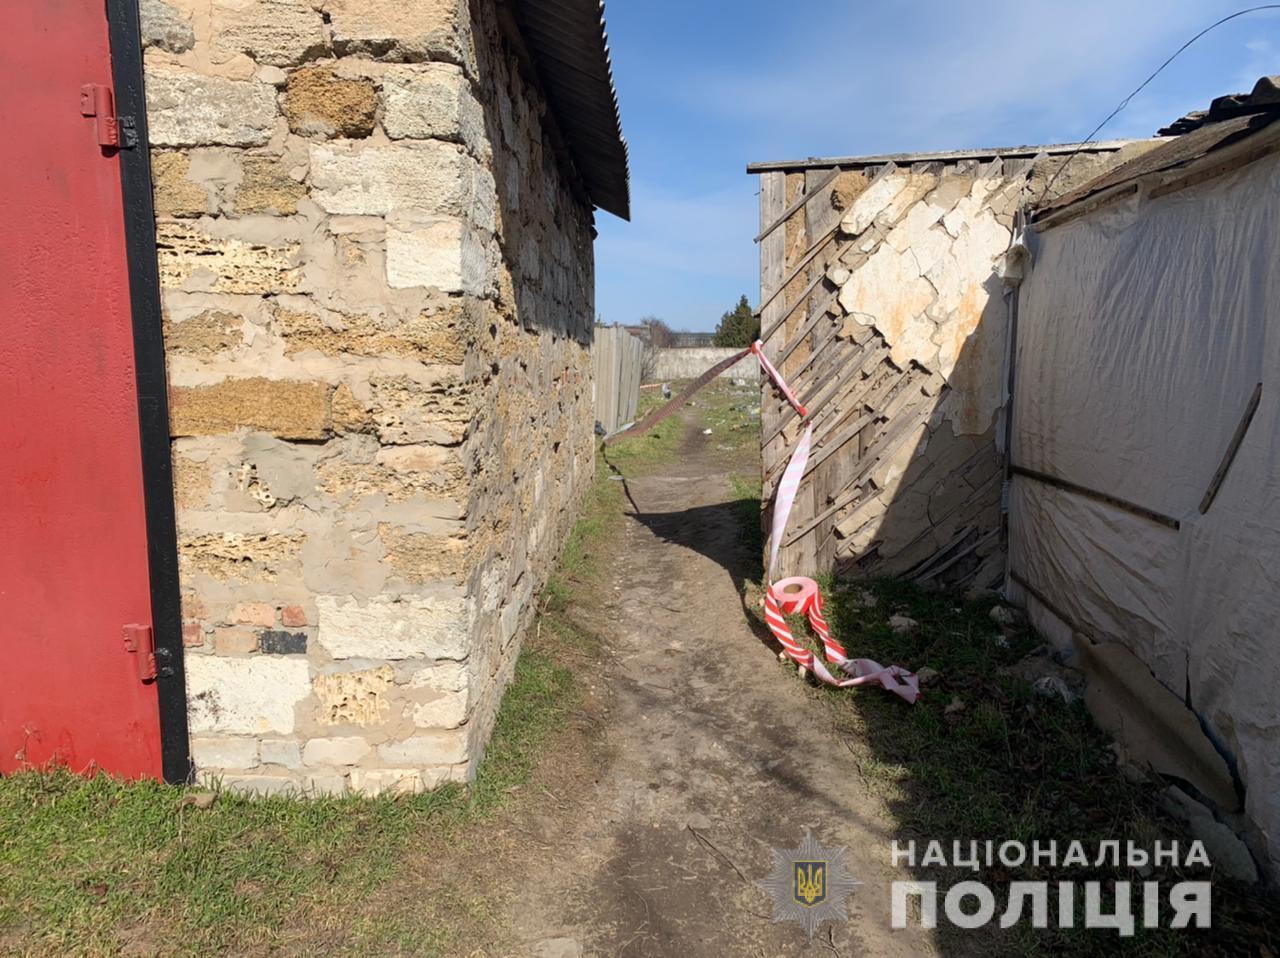 Поліція показала, де знайшли тіло Марійки Борисової